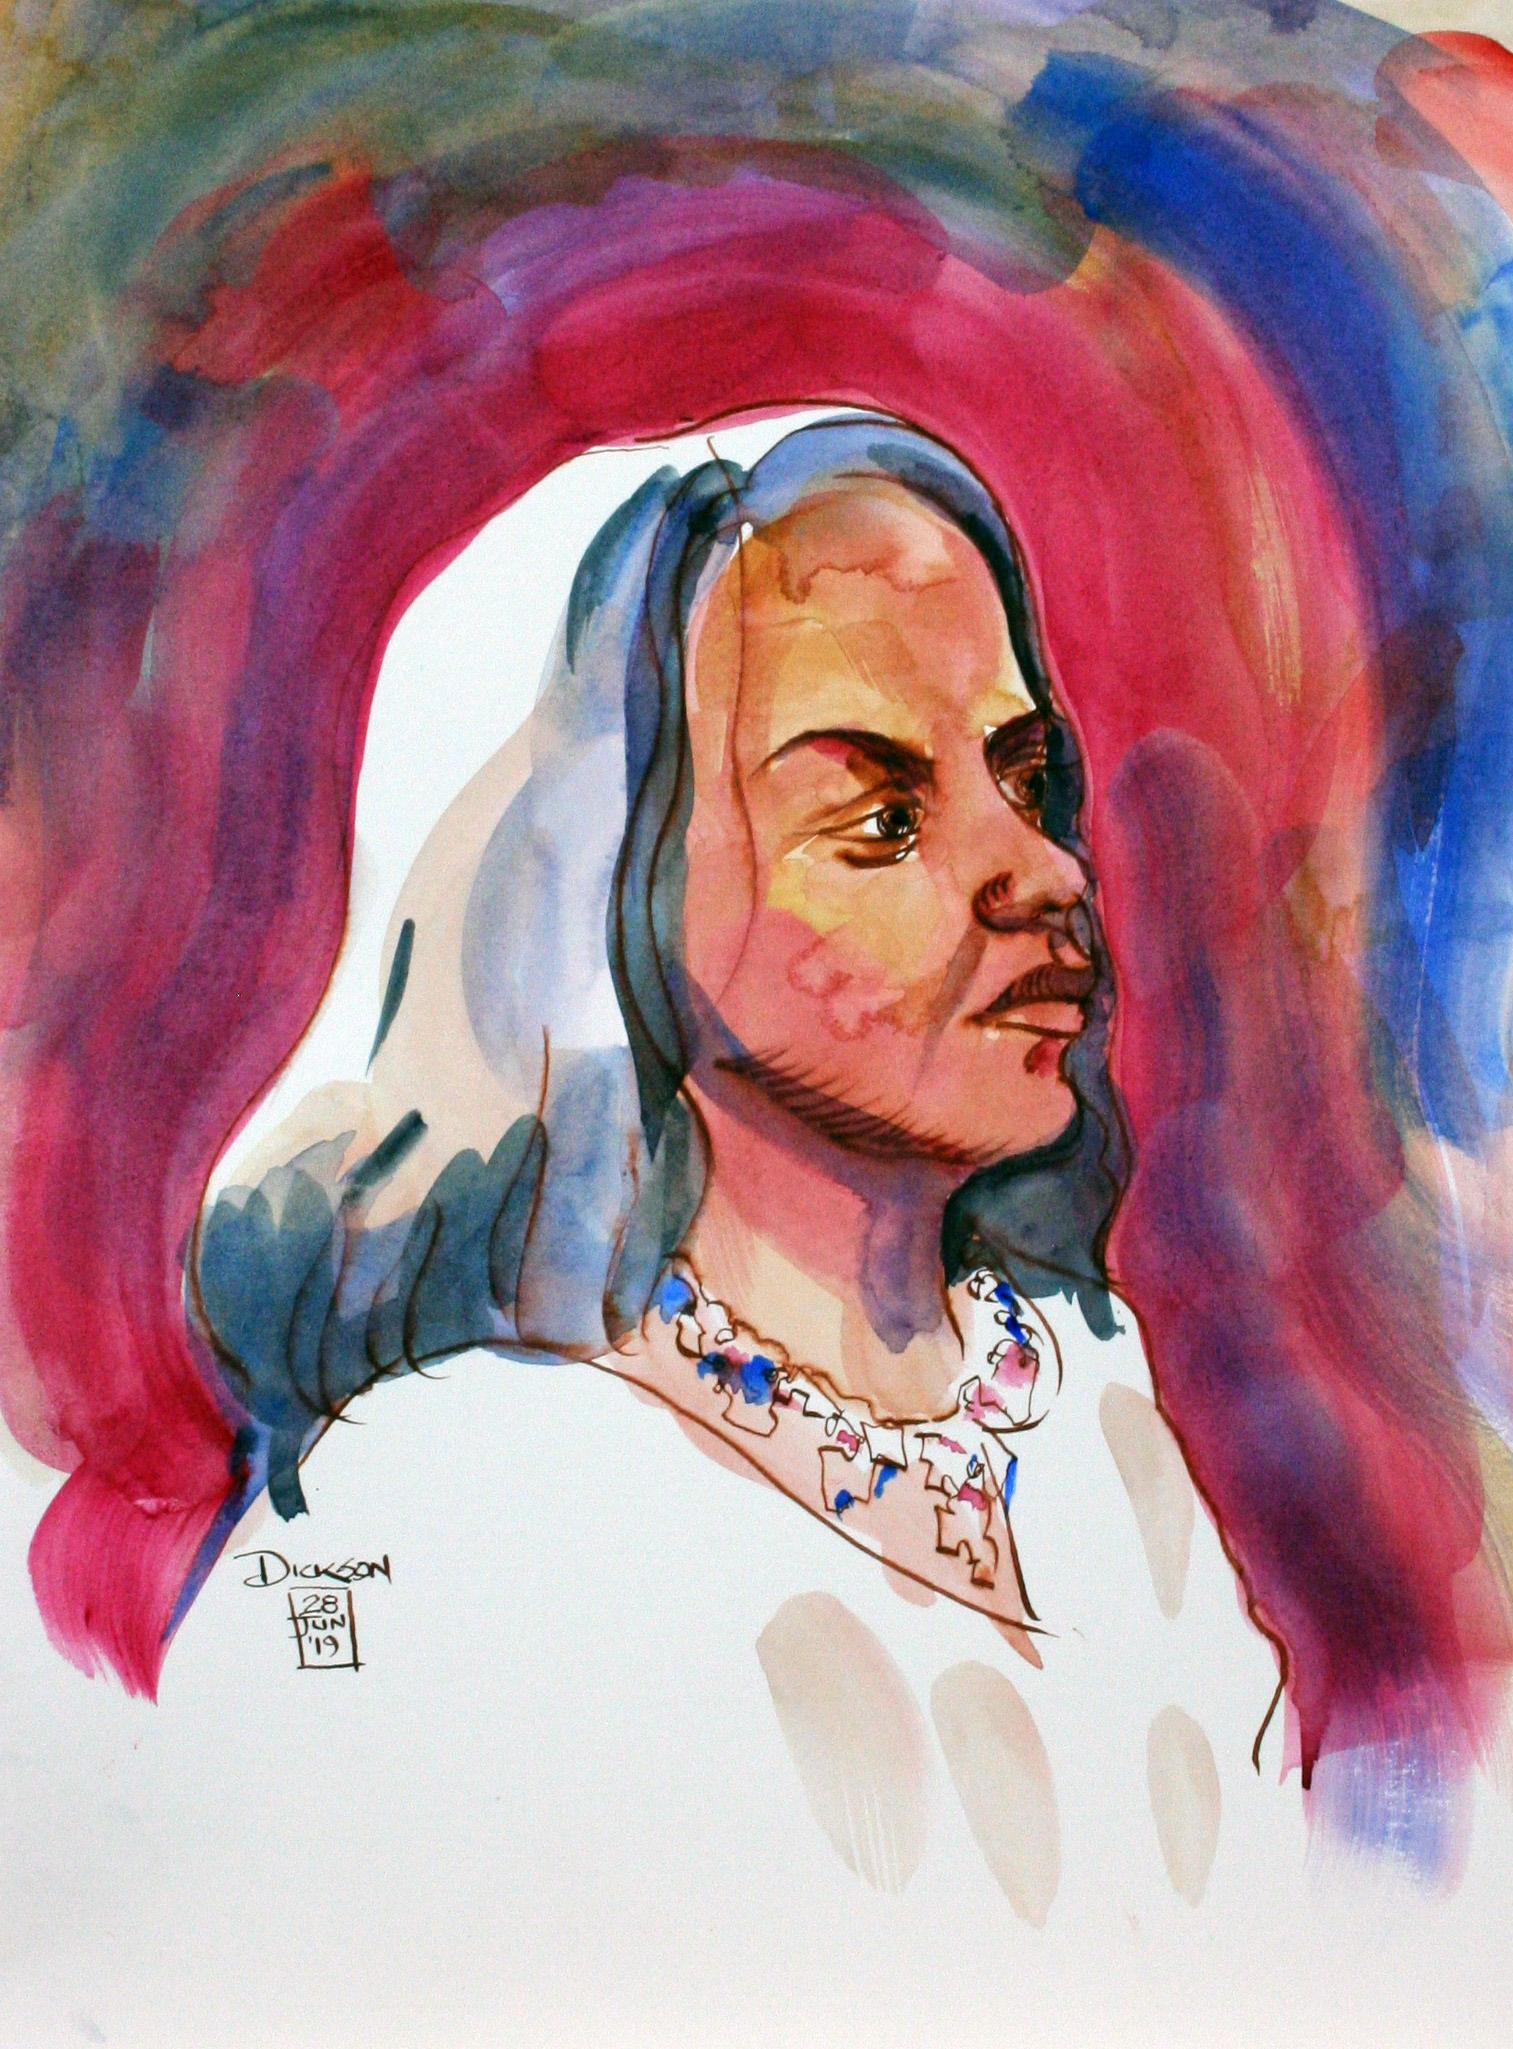 Duane Dickson - watercolors